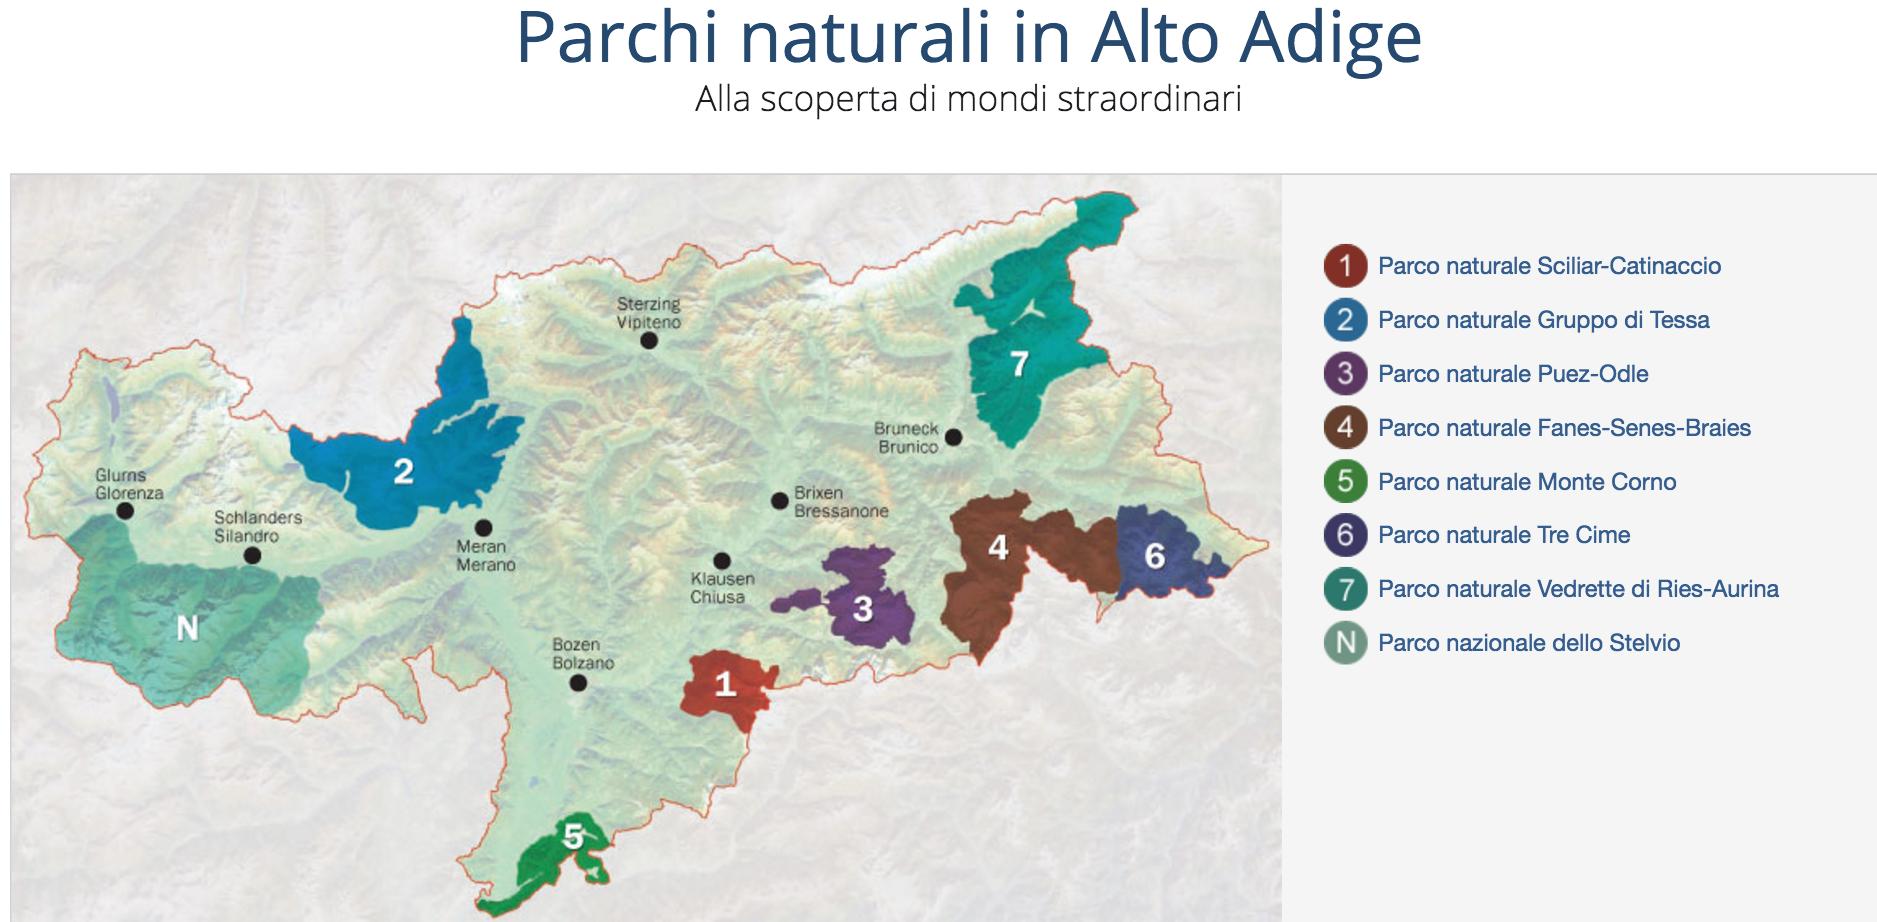 pachi_altoadige_nuovo_sito_web